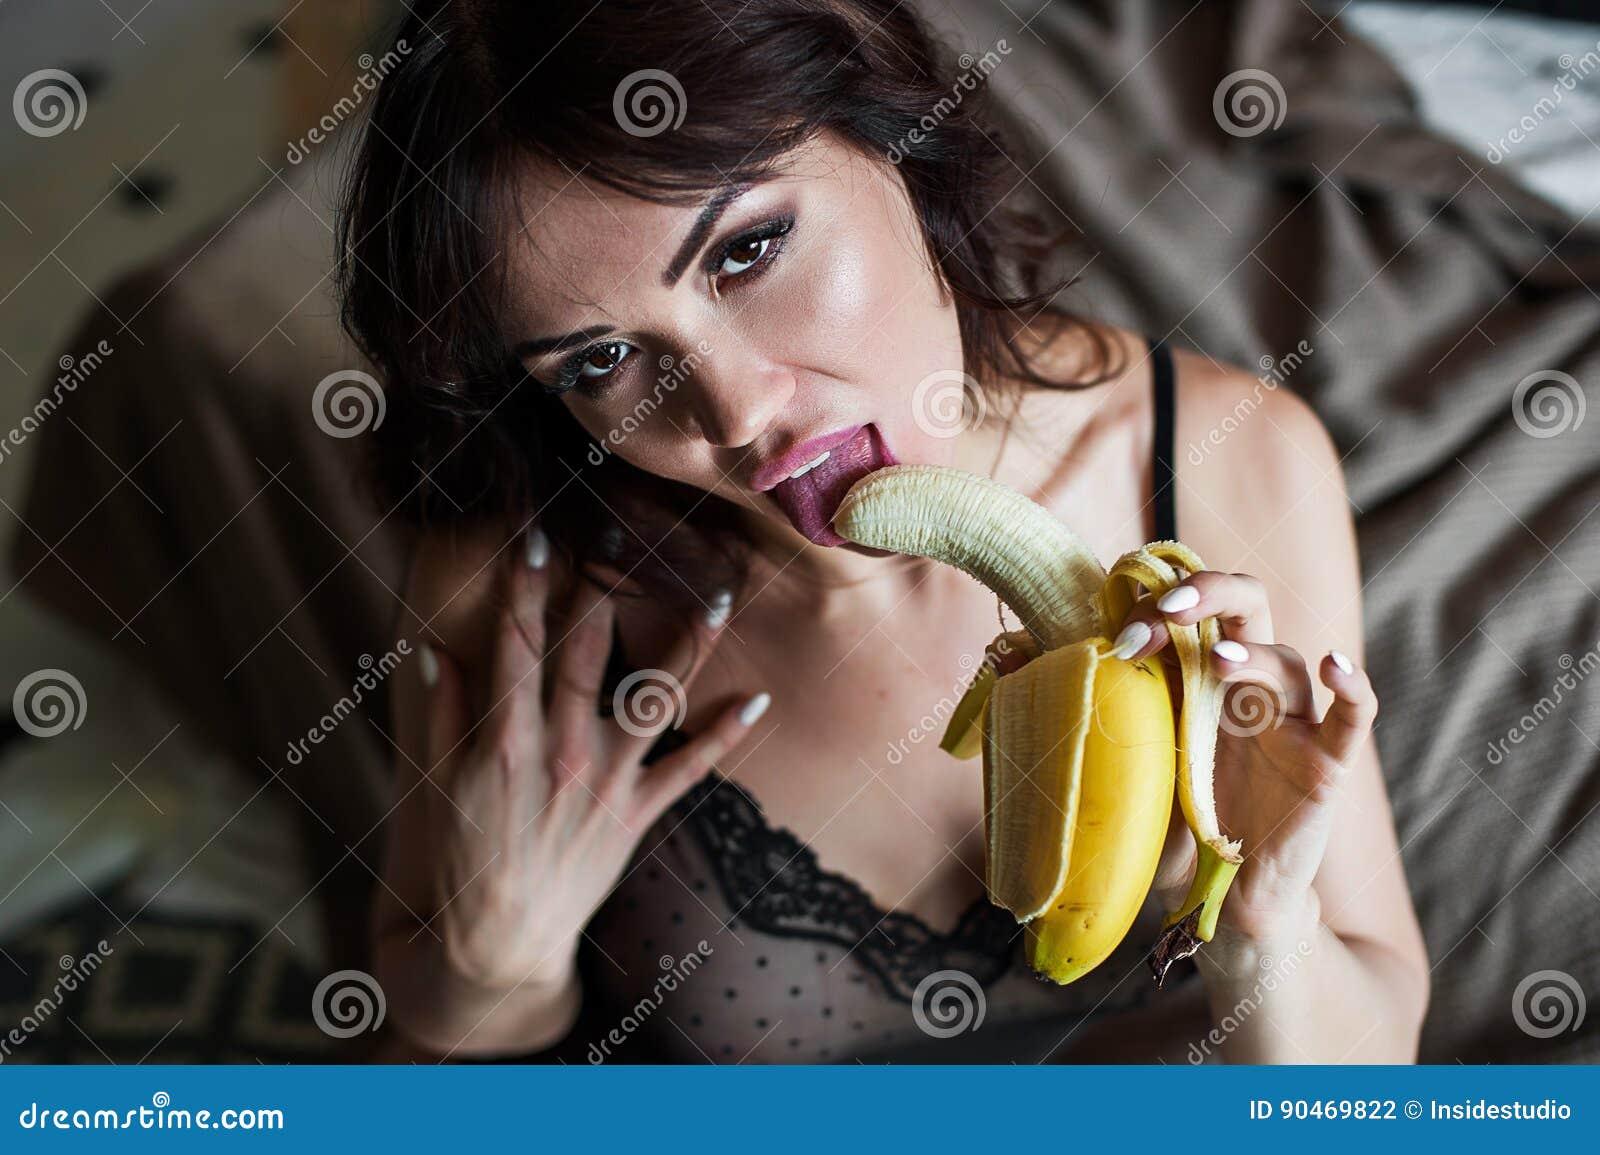 Как секс бананом как сосать видео